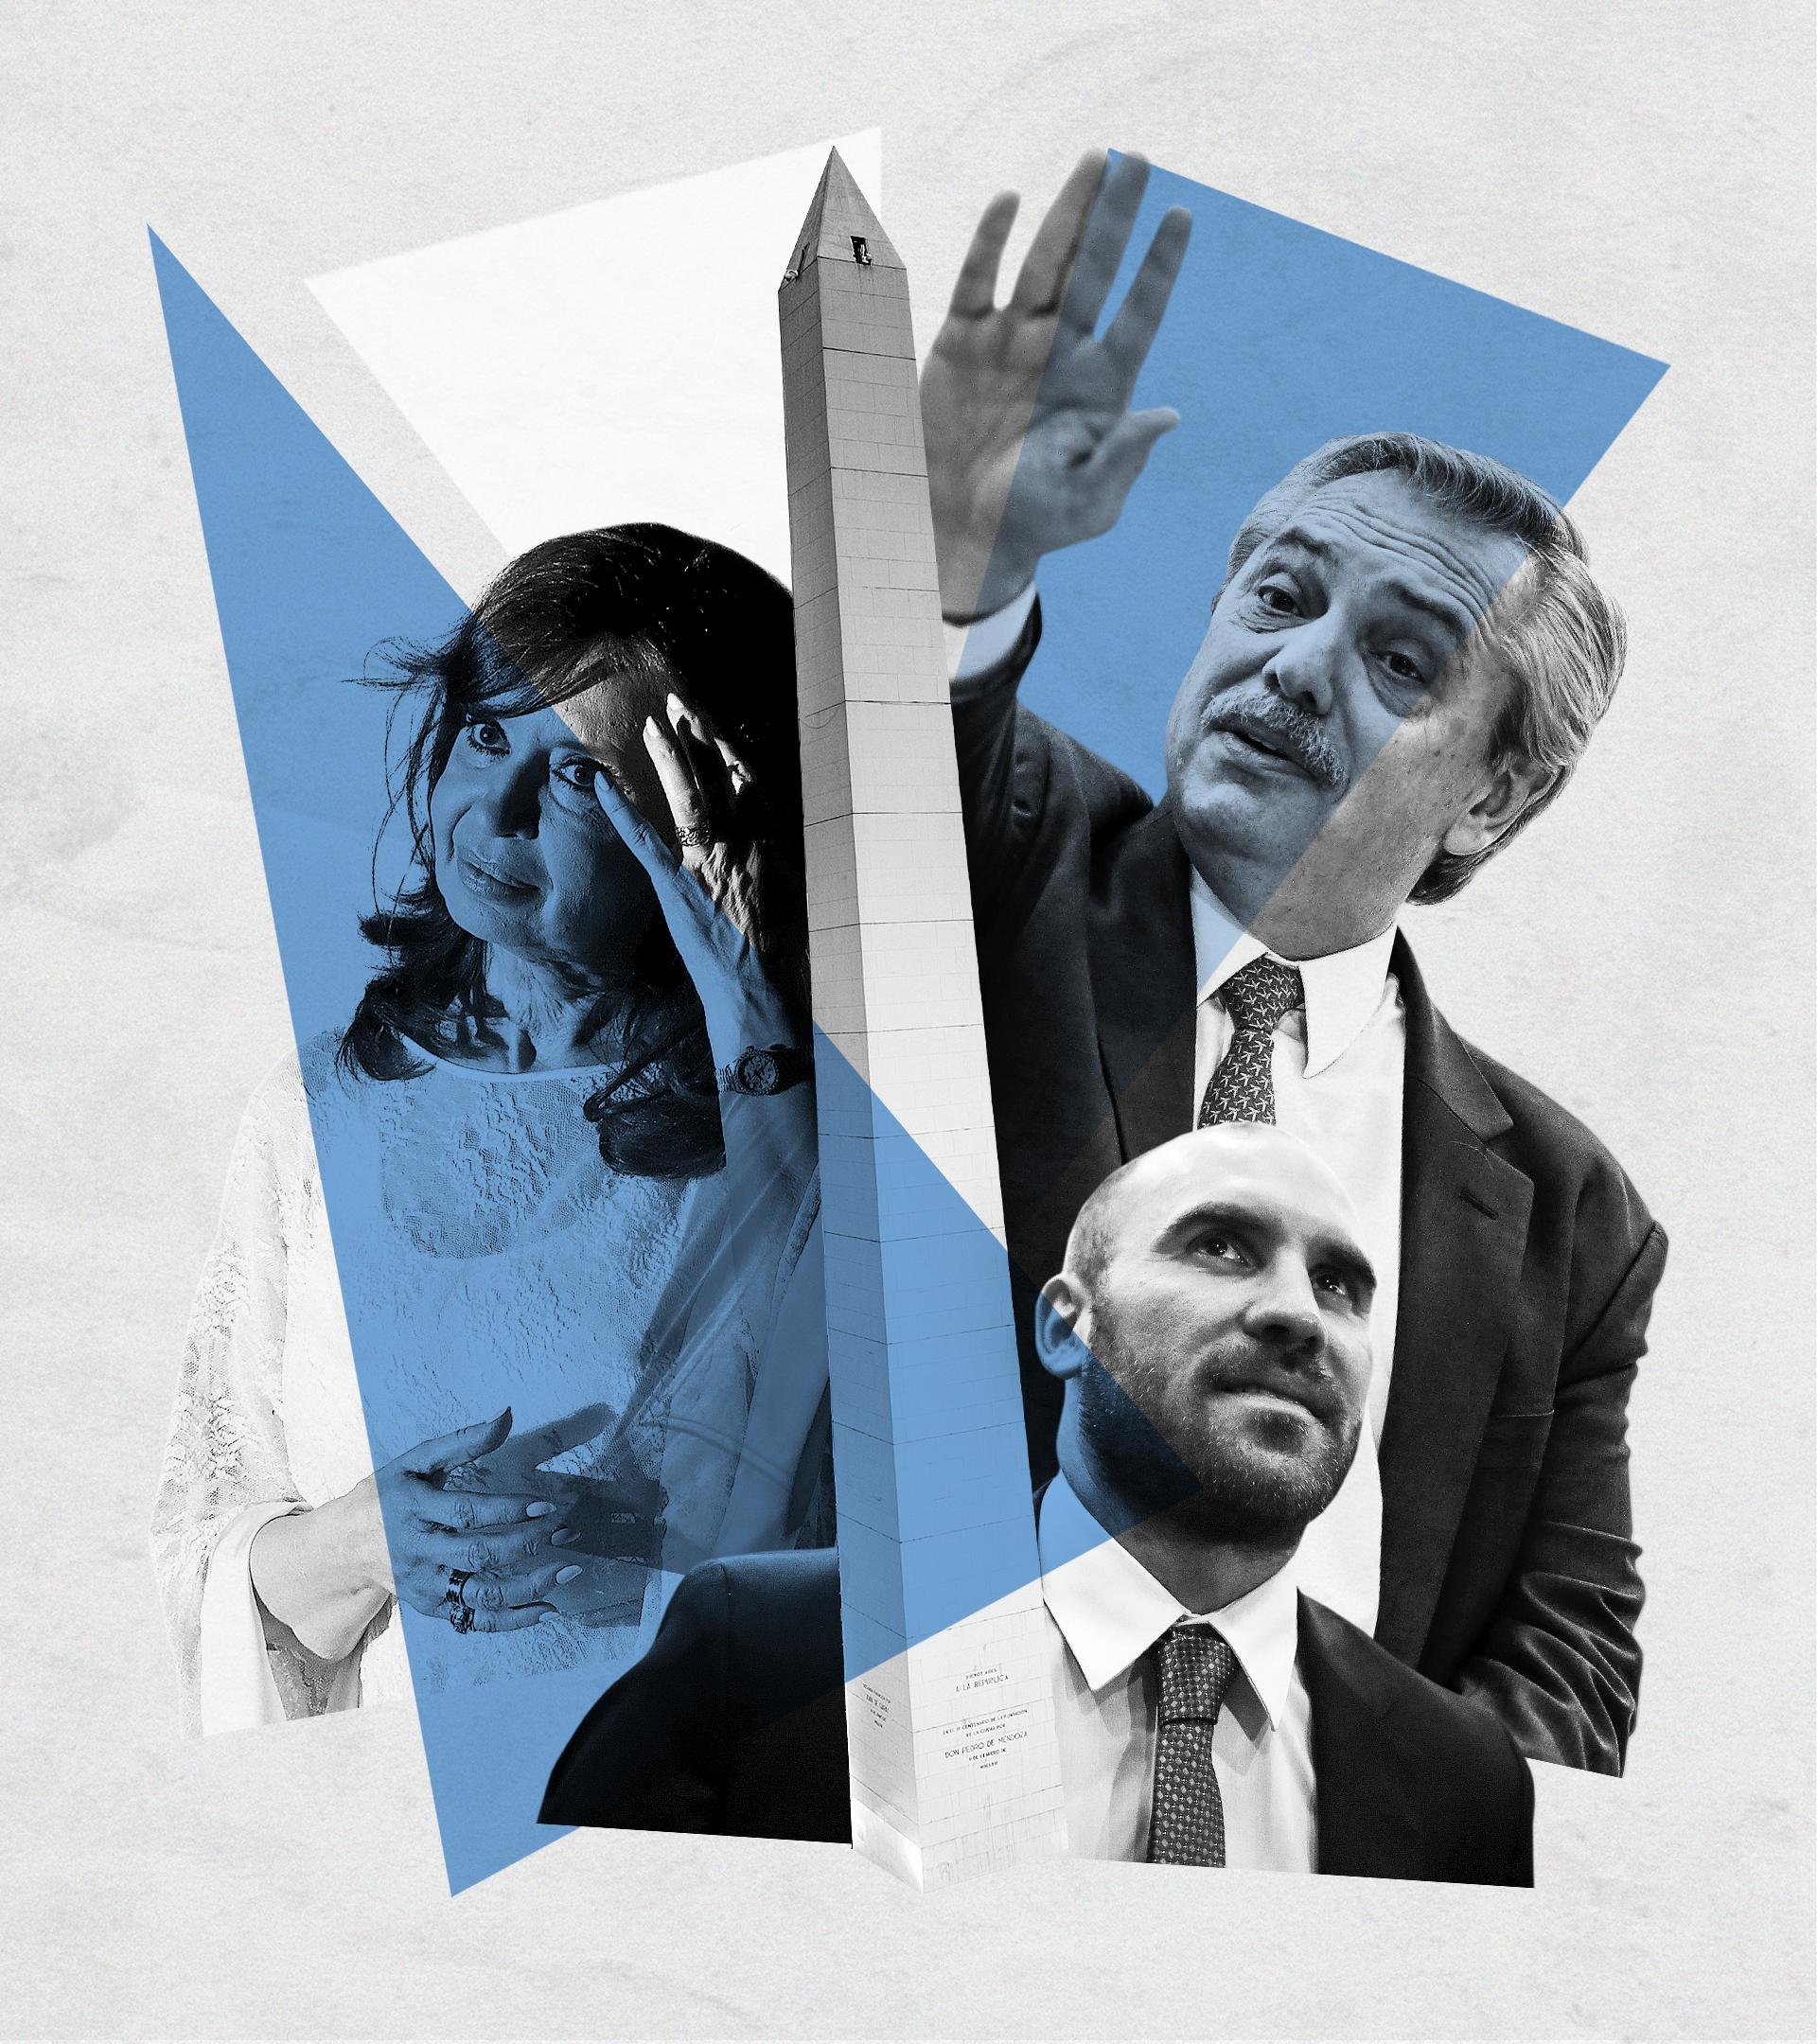 Cristina Fernández de Kirchner (vicepresidenta), Alberto Fernández (presidente) y Martín Guzmán (ministro de Economía)